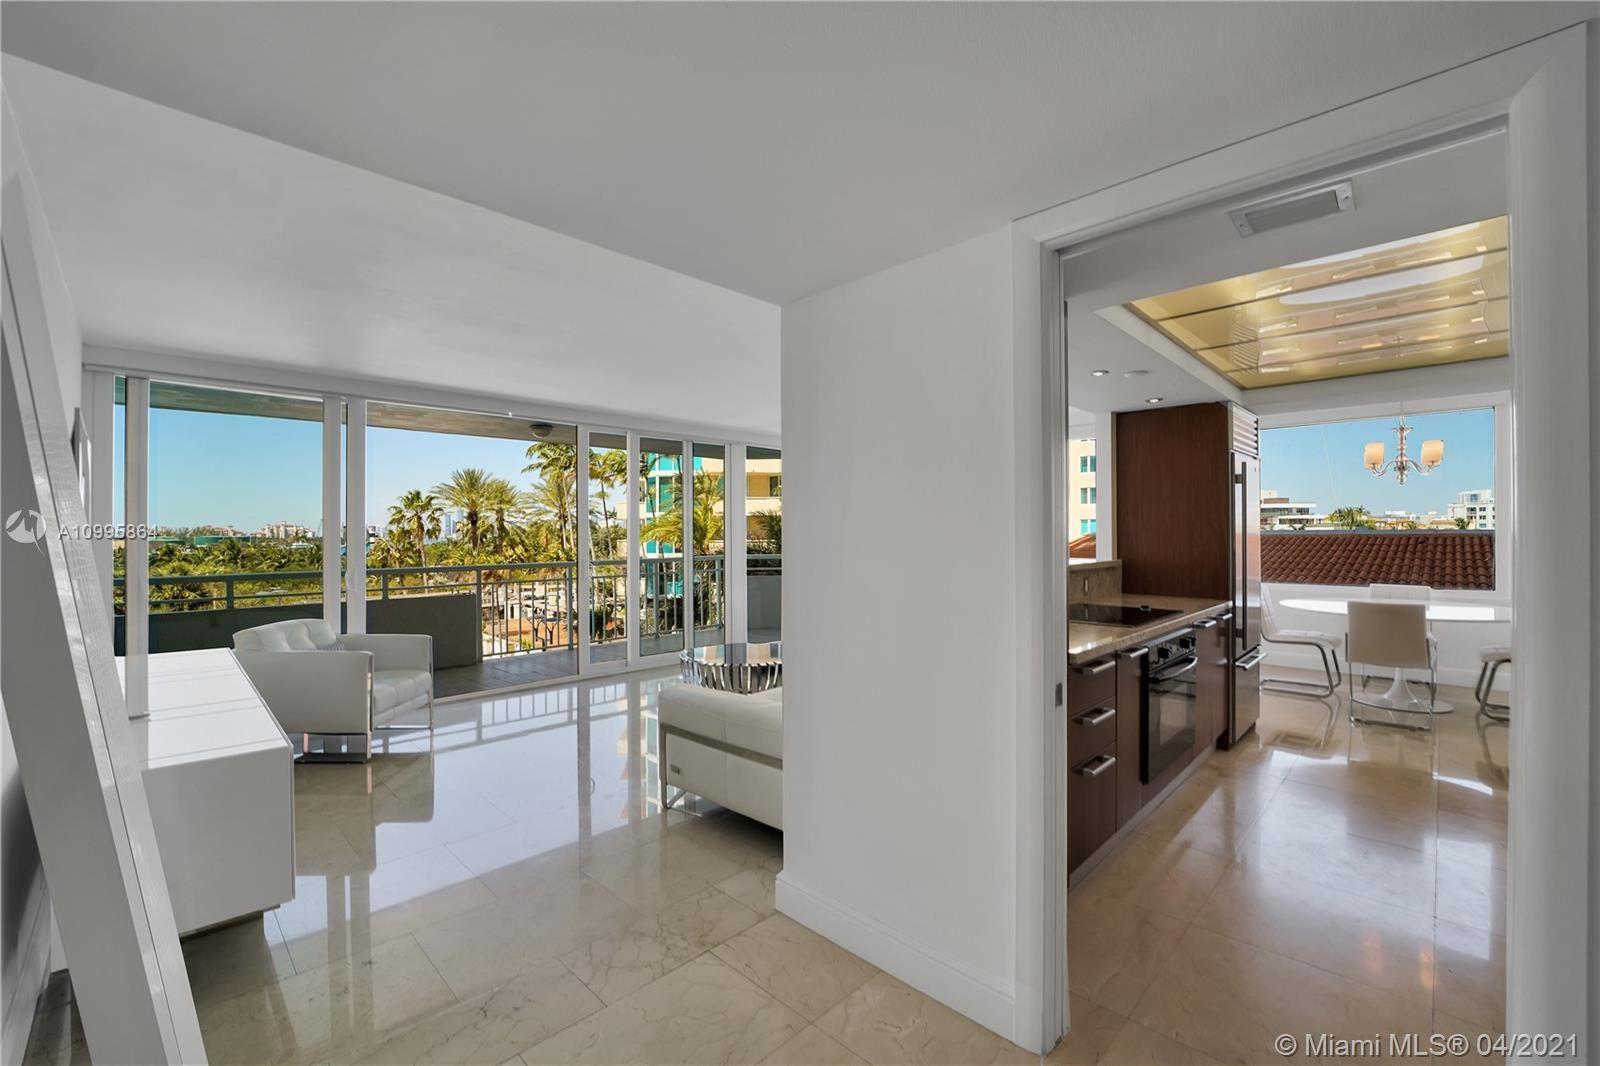 400 S Pointe Dr #409, Miami Beach, FL 33139 - #: A10995864